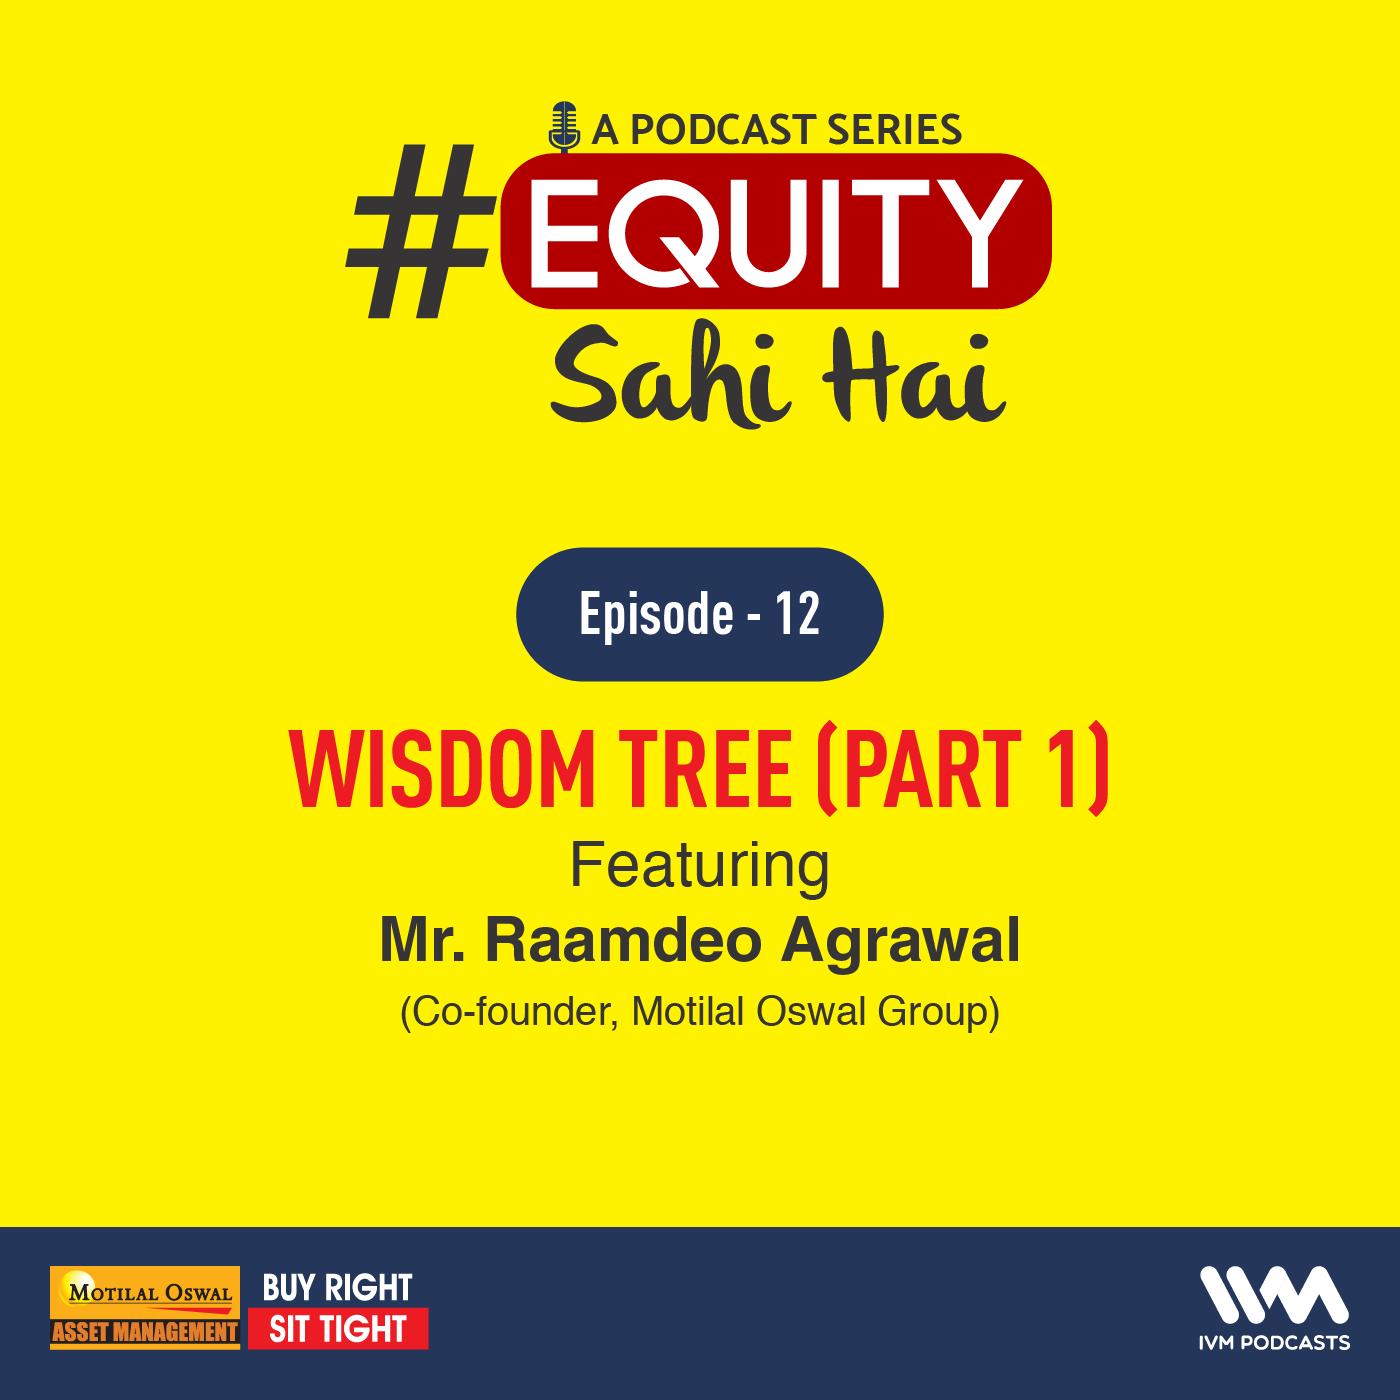 Ep. 12: Wisdom Tree (Part 1)